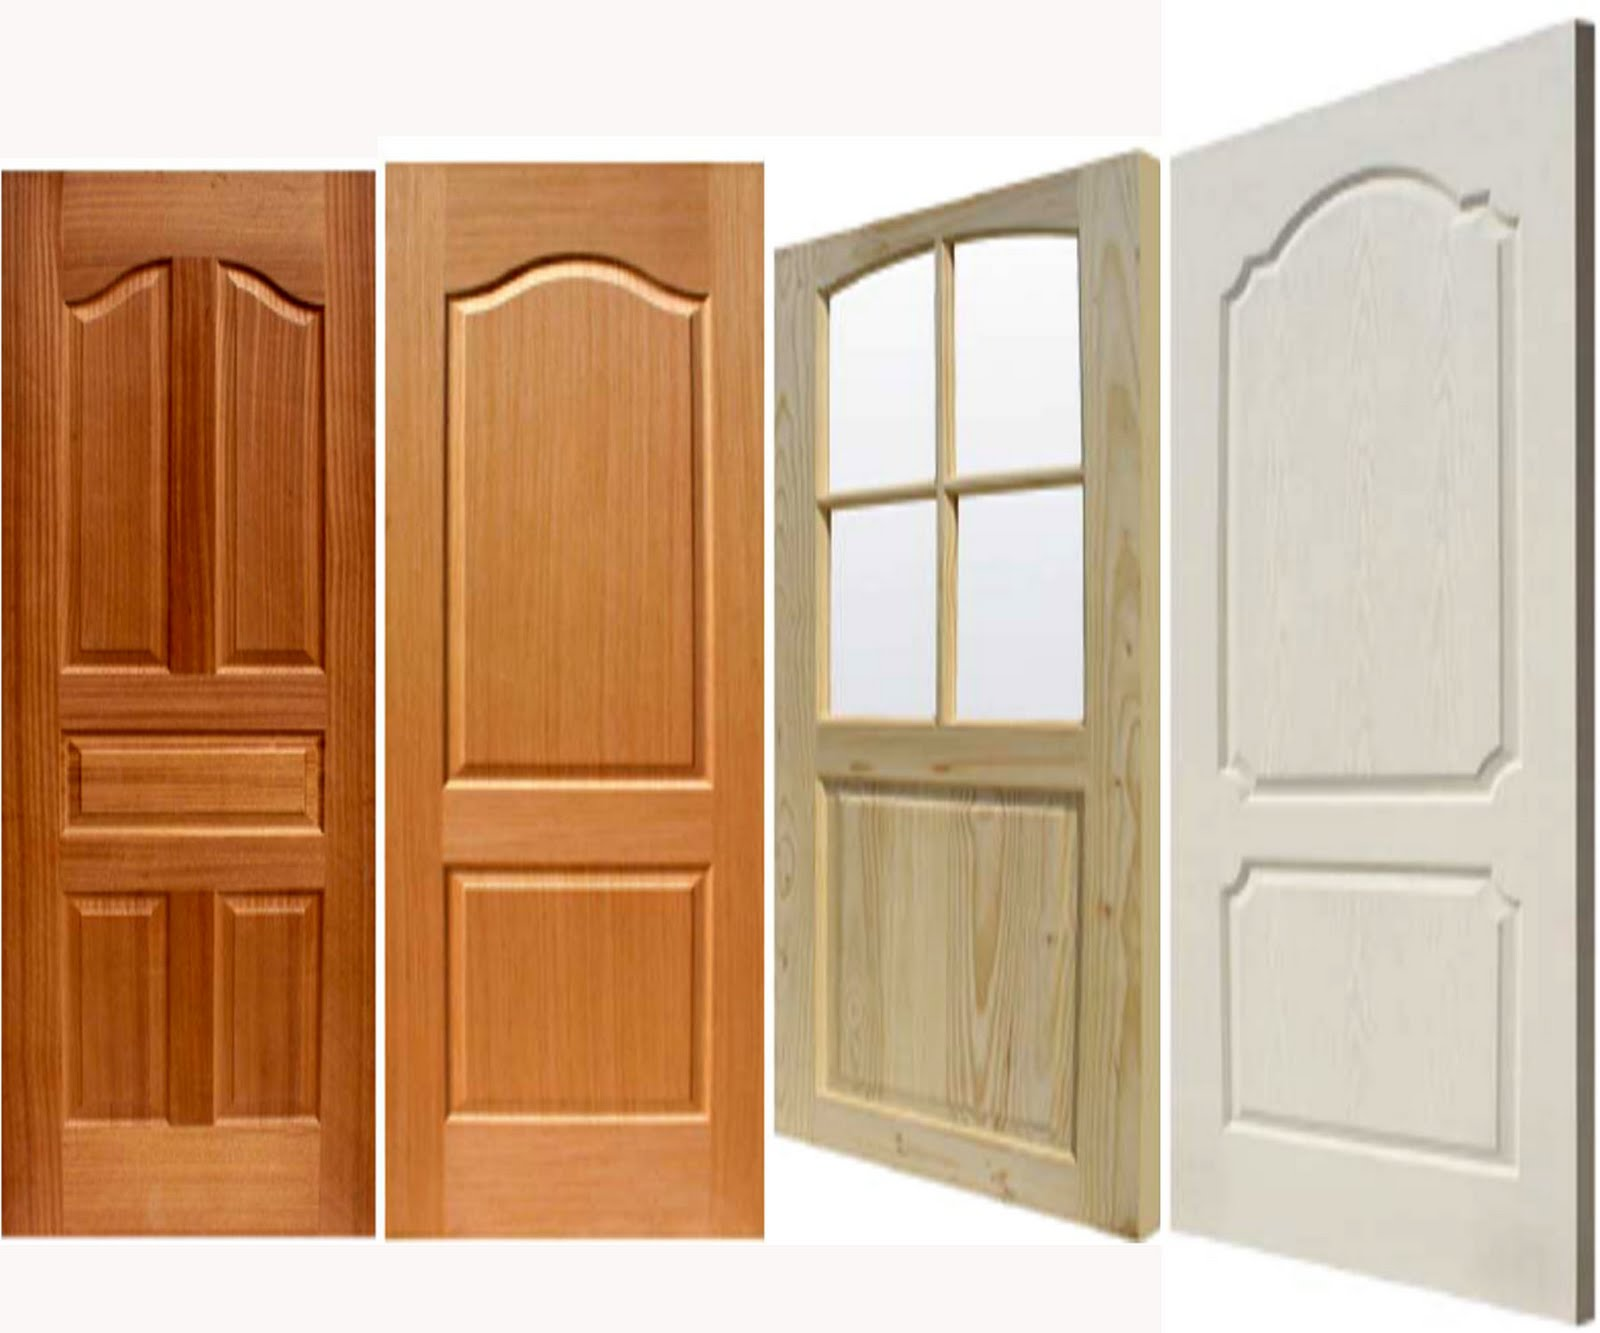 puertas levadizas carpinteria de madera